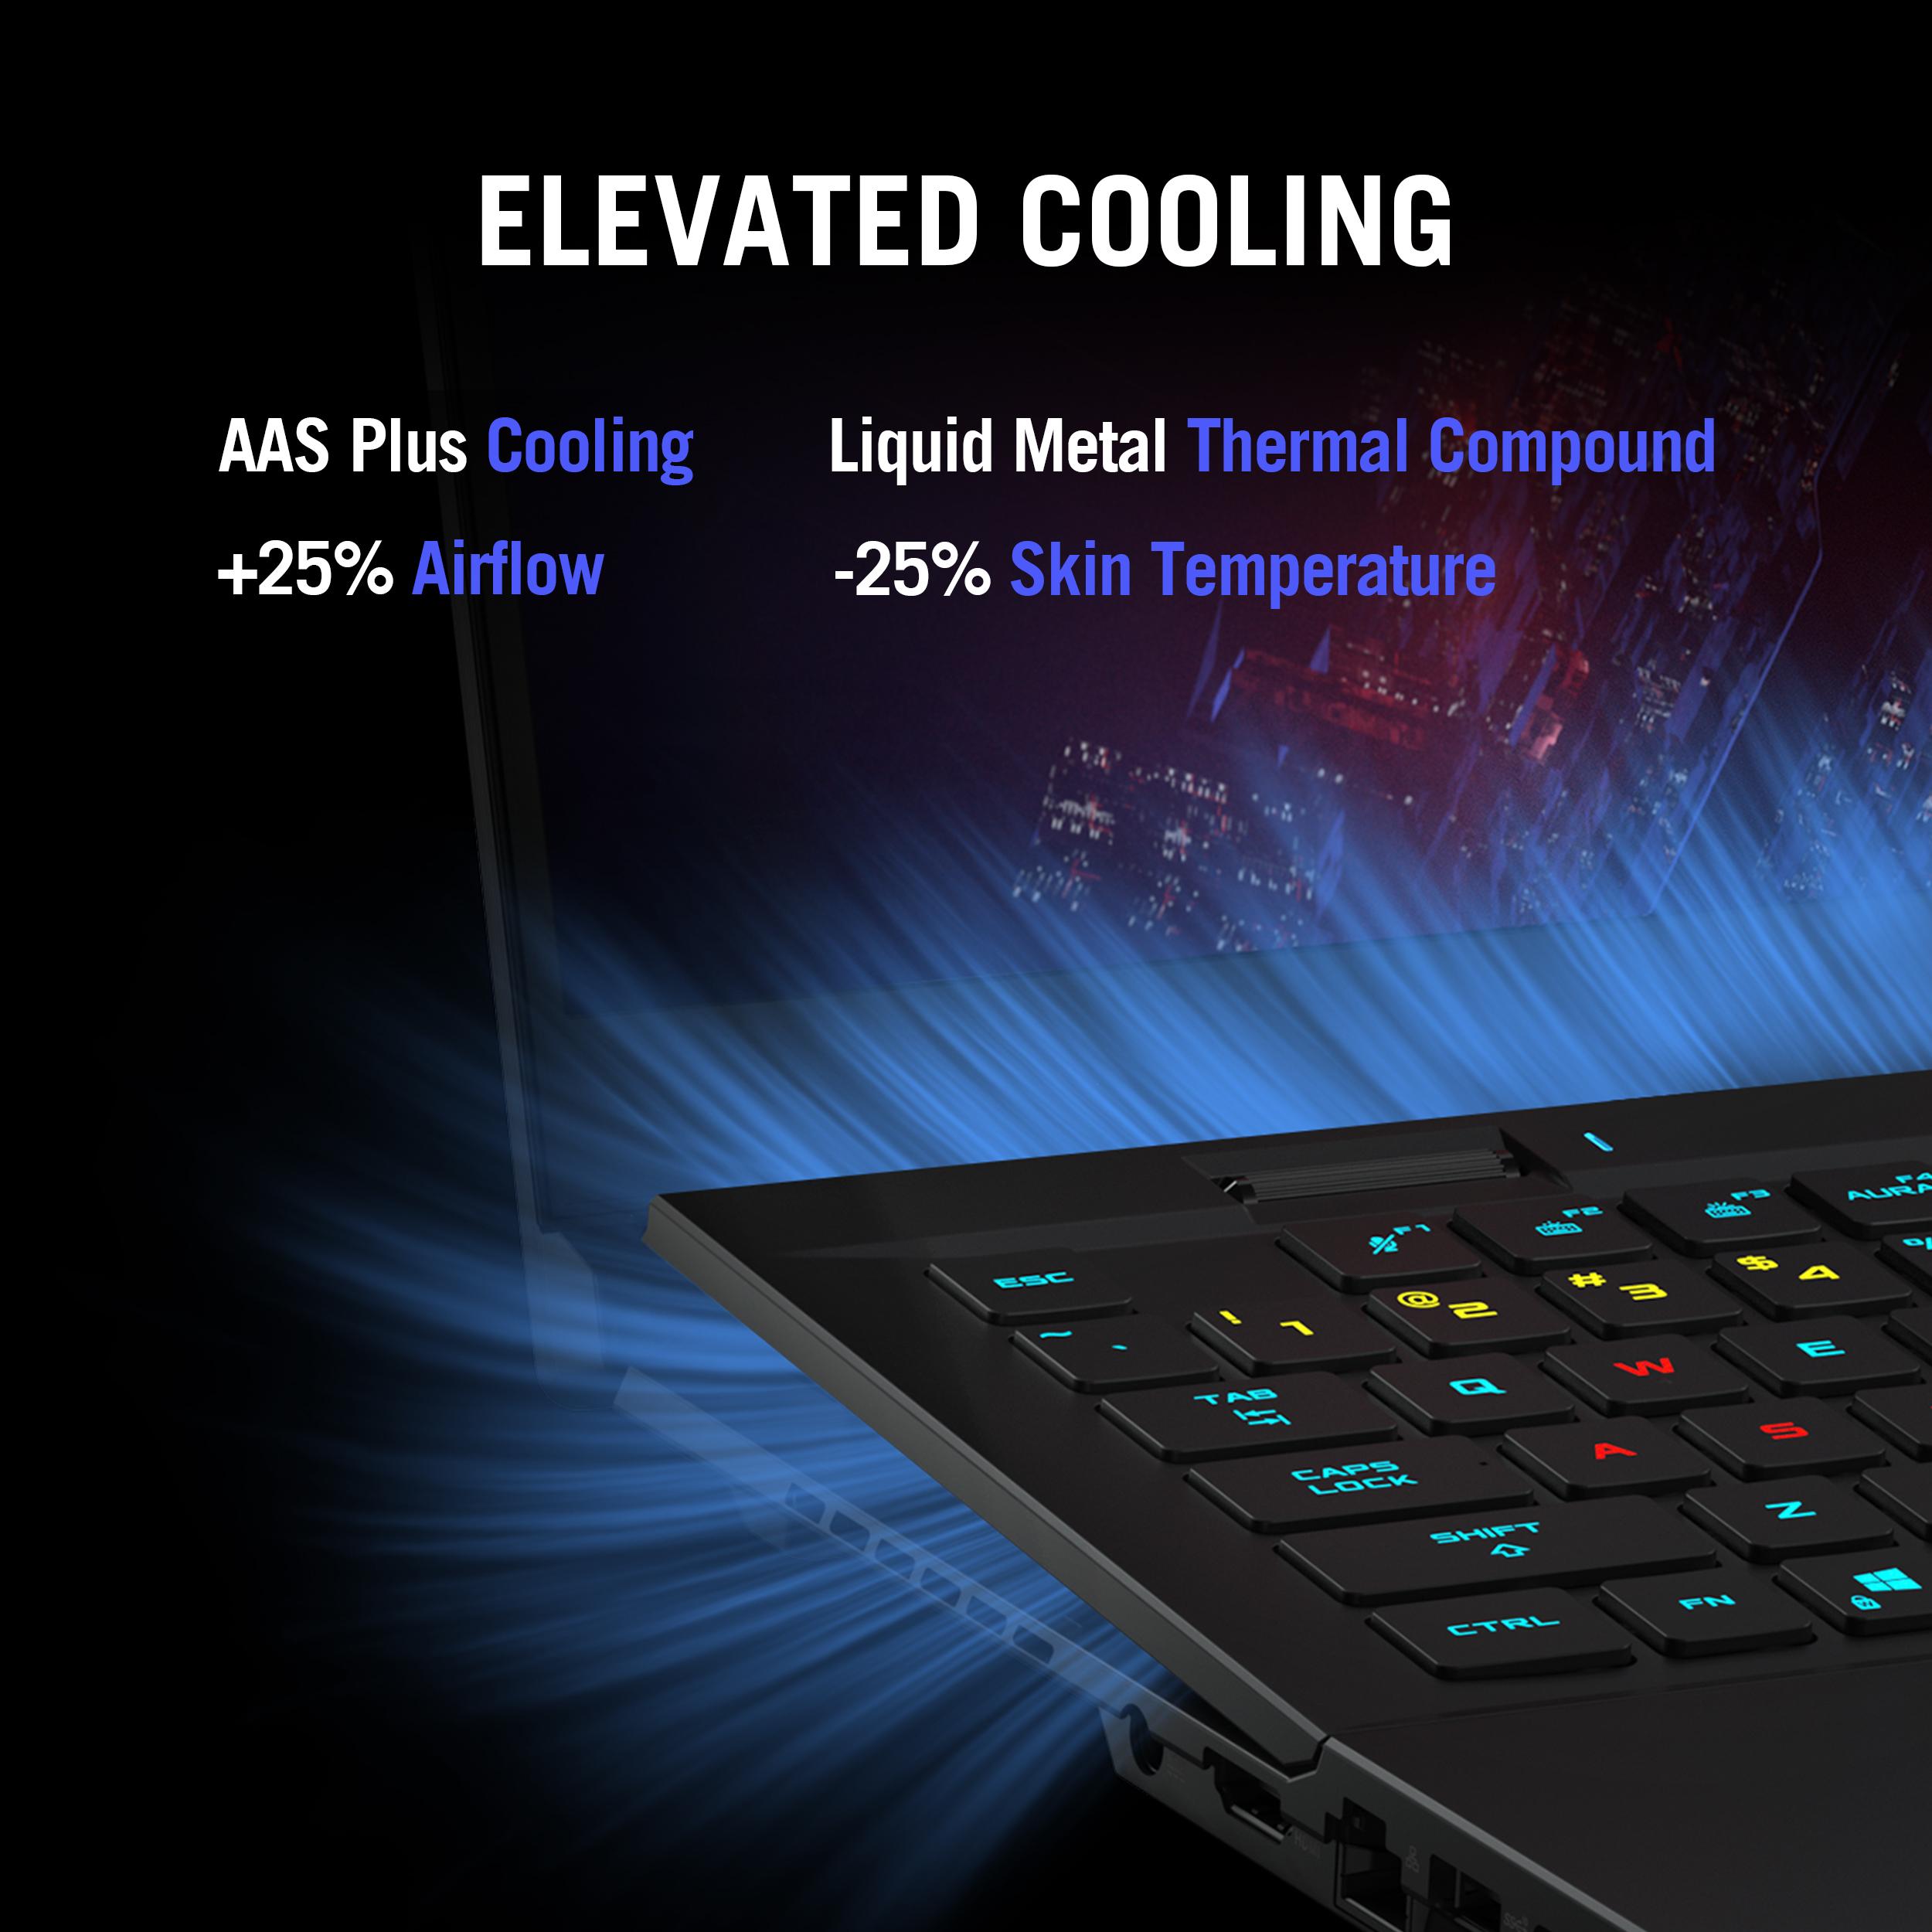 5.cooling-bk.jpg